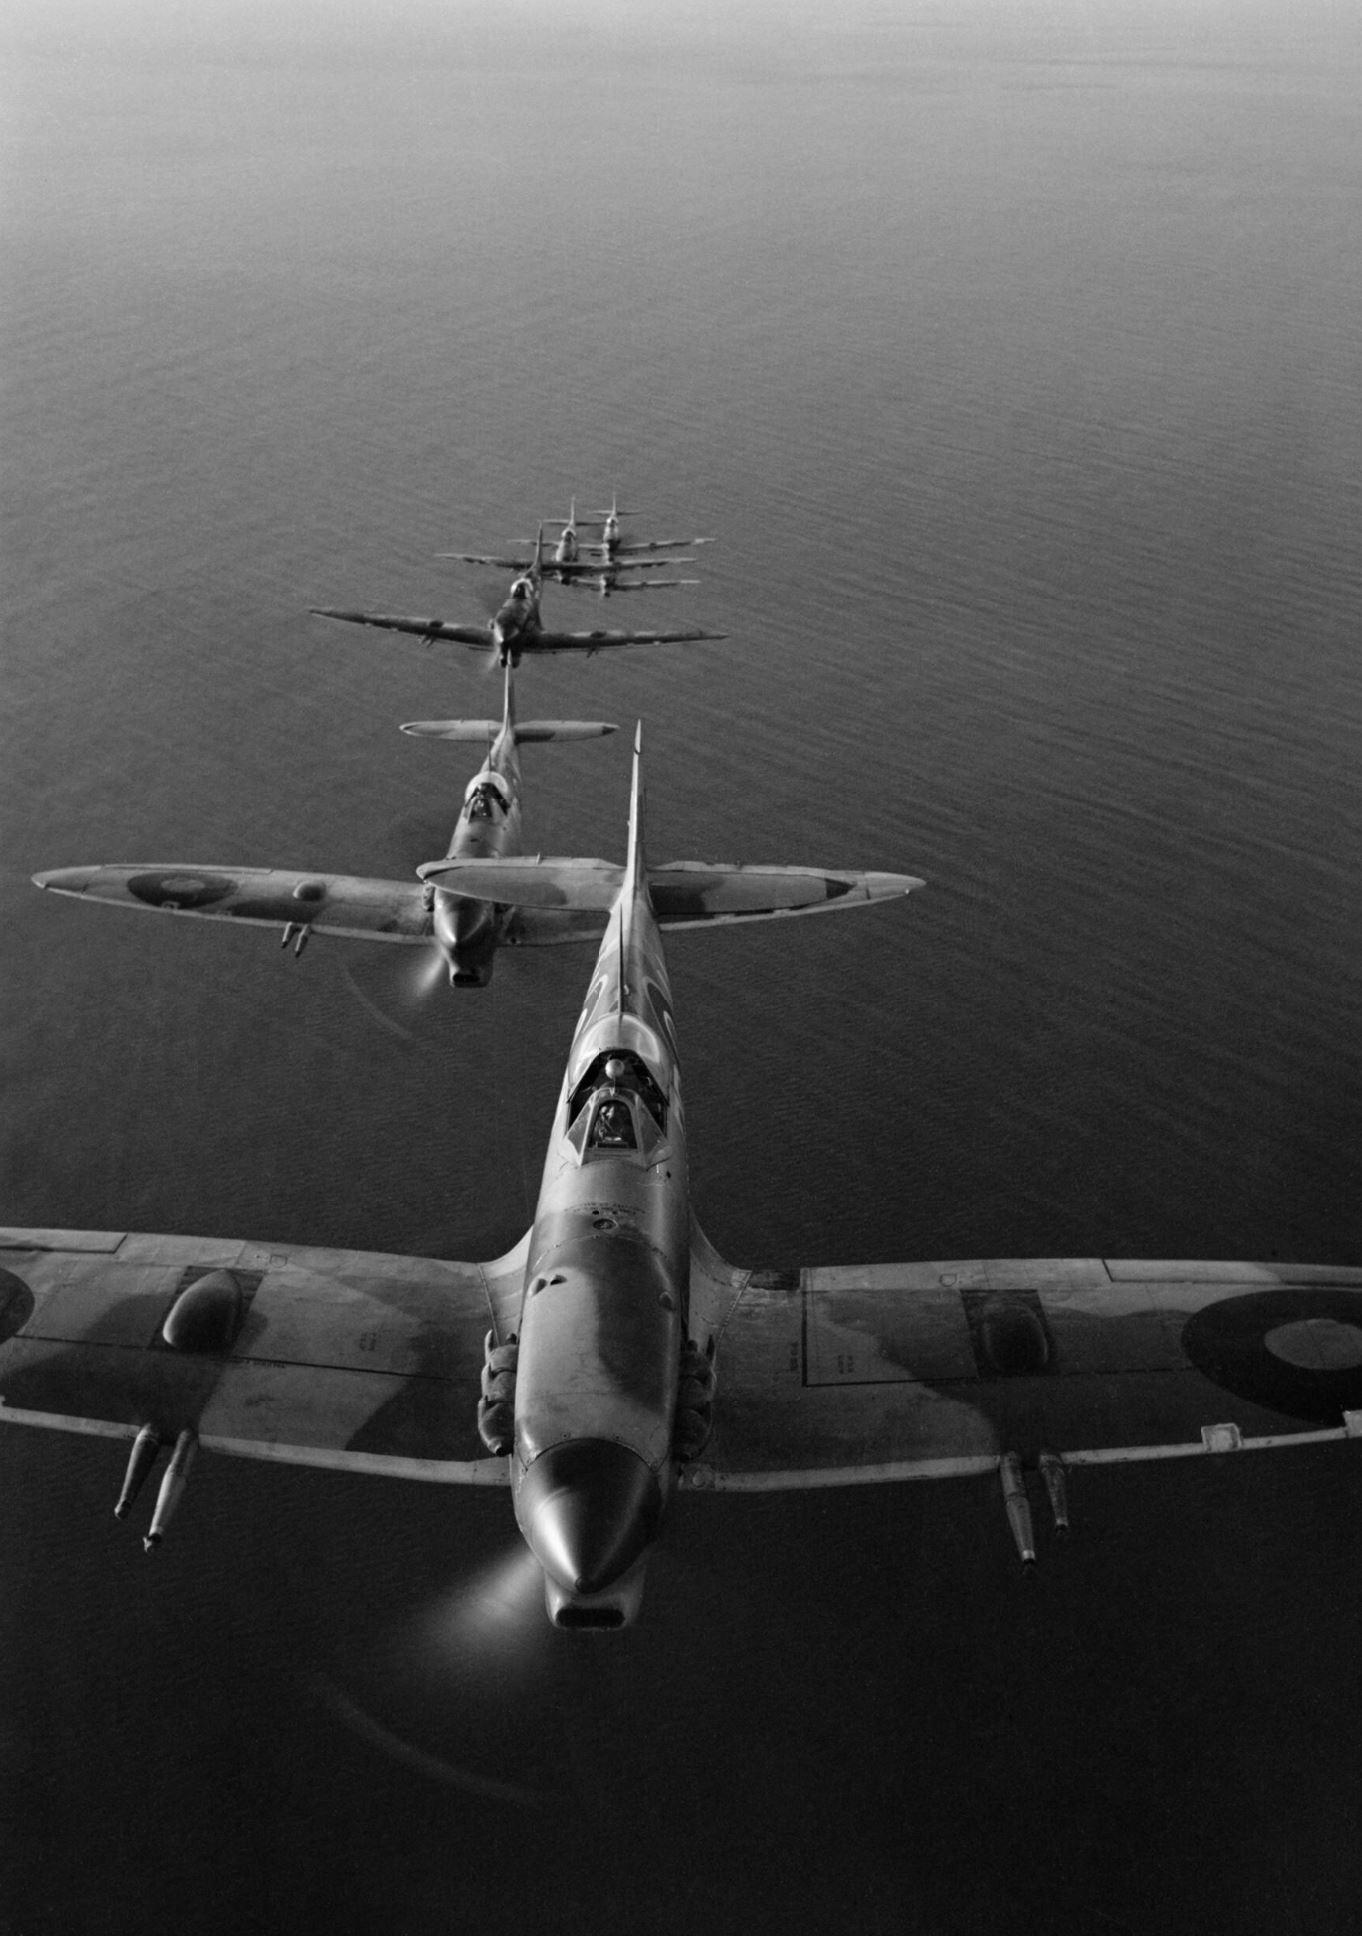 Spitfire MkVcTrop SAAF 2Sqn DBH on mission to Sangro River battlefront Oct 1943 IWM CNA2102